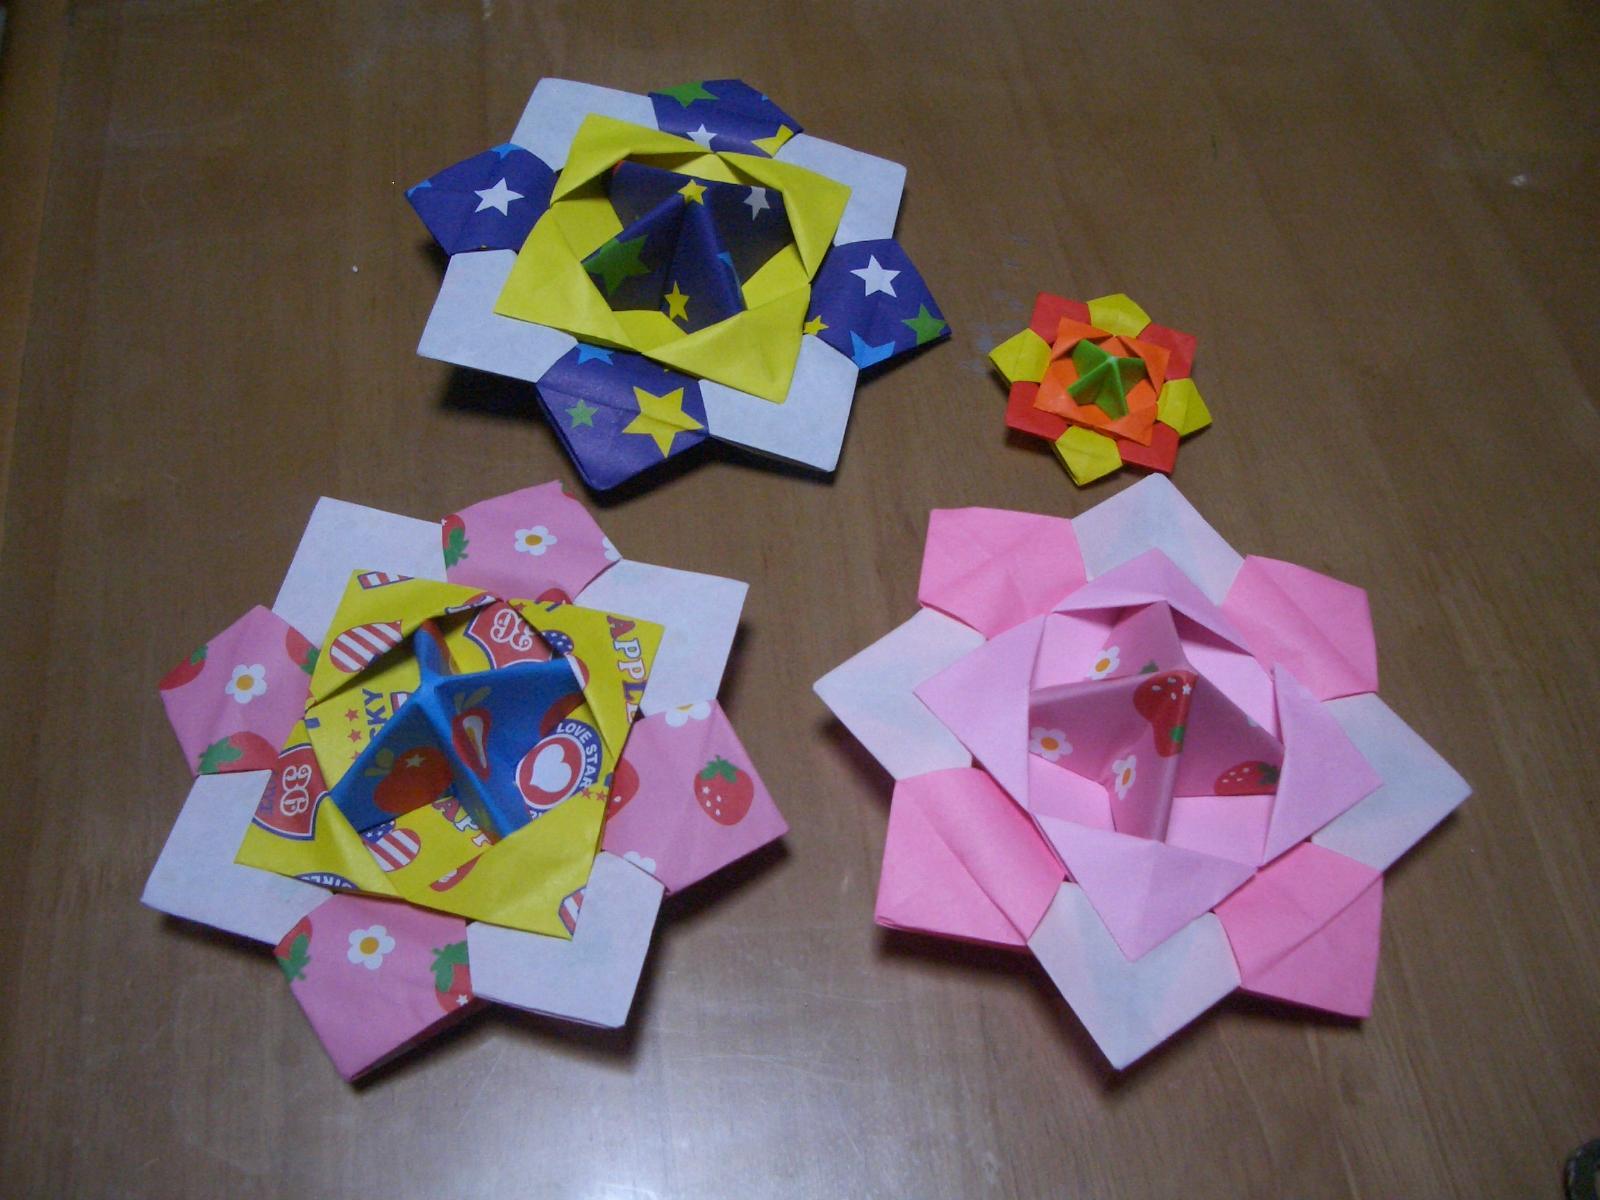 折り紙の 折り紙のコマの作り方 : 面白いので皆さんも是非作って ...